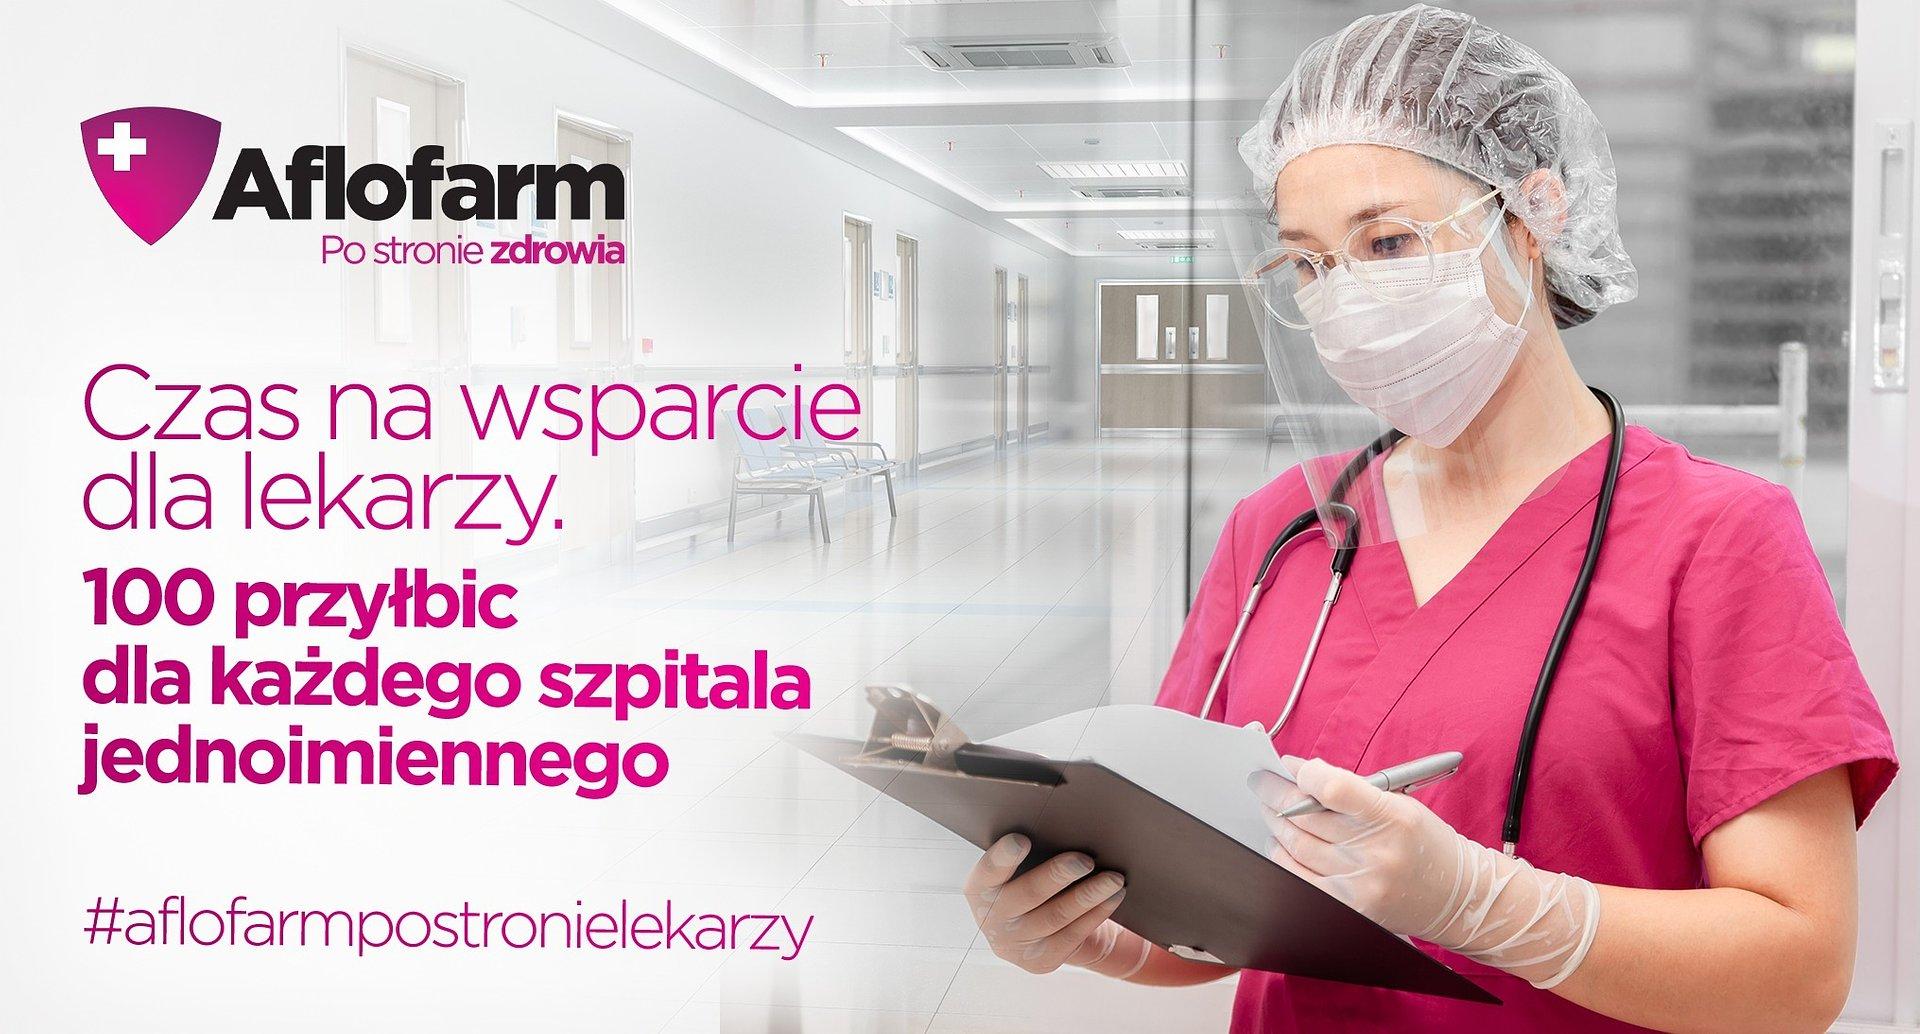 Aflofarm wspiera szpitale zakaźne